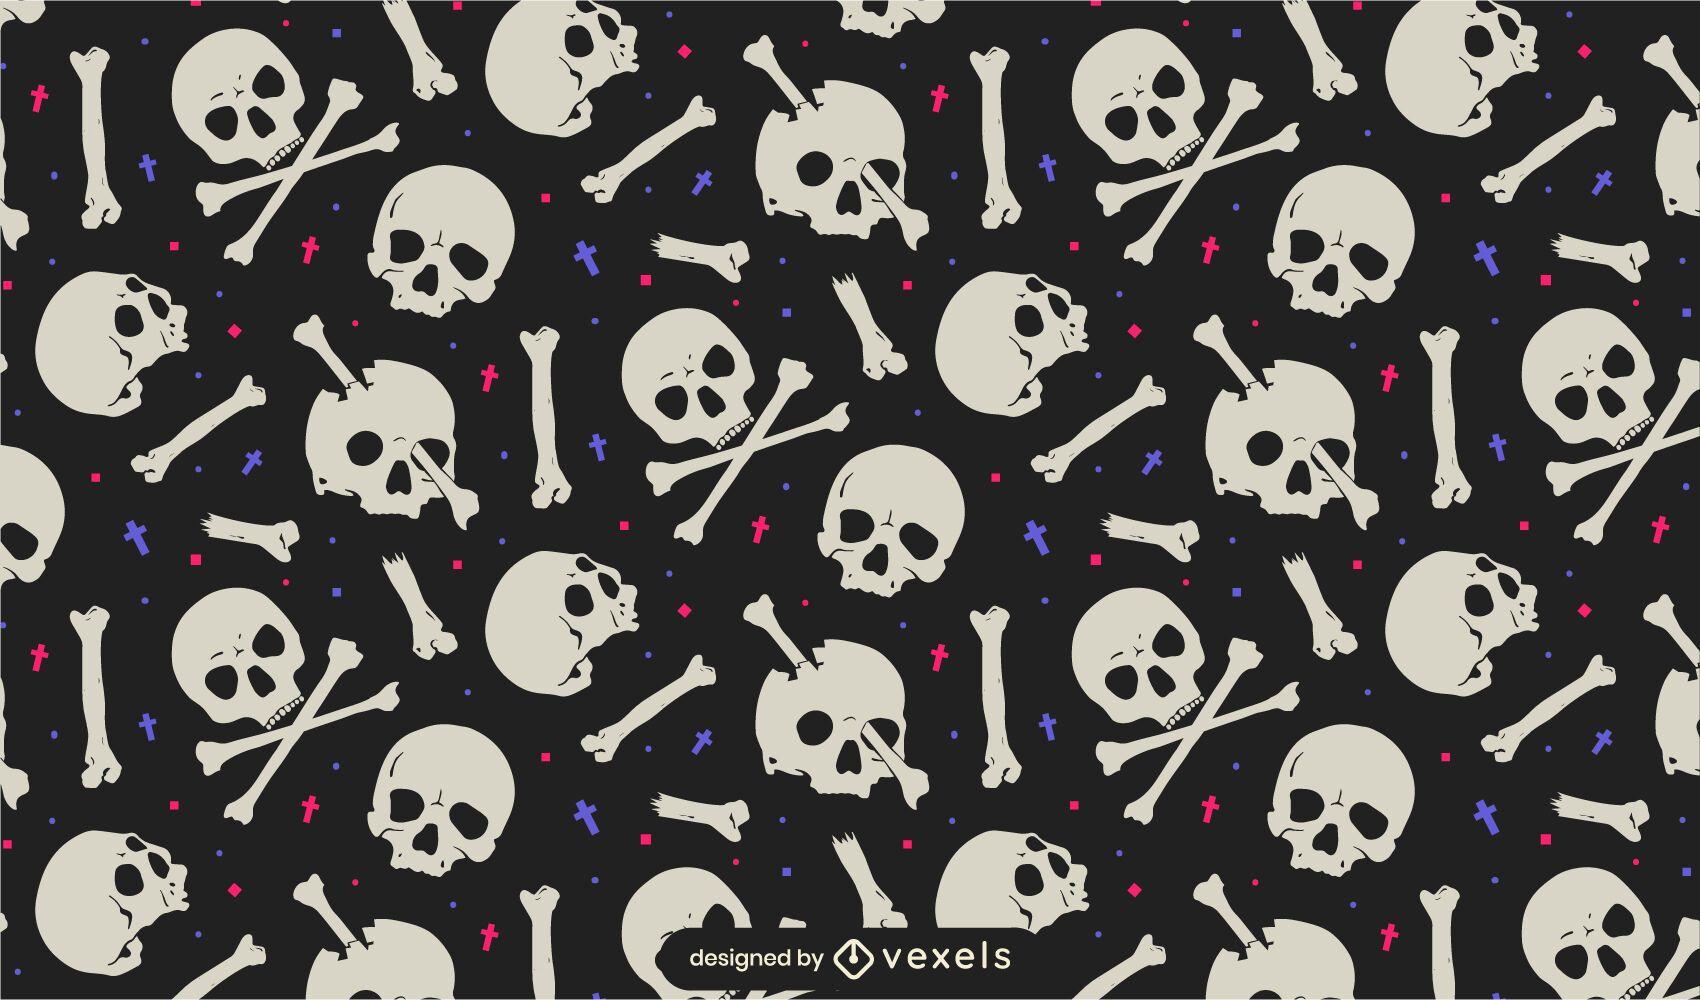 Diseño de patrón de calaveras y huesos